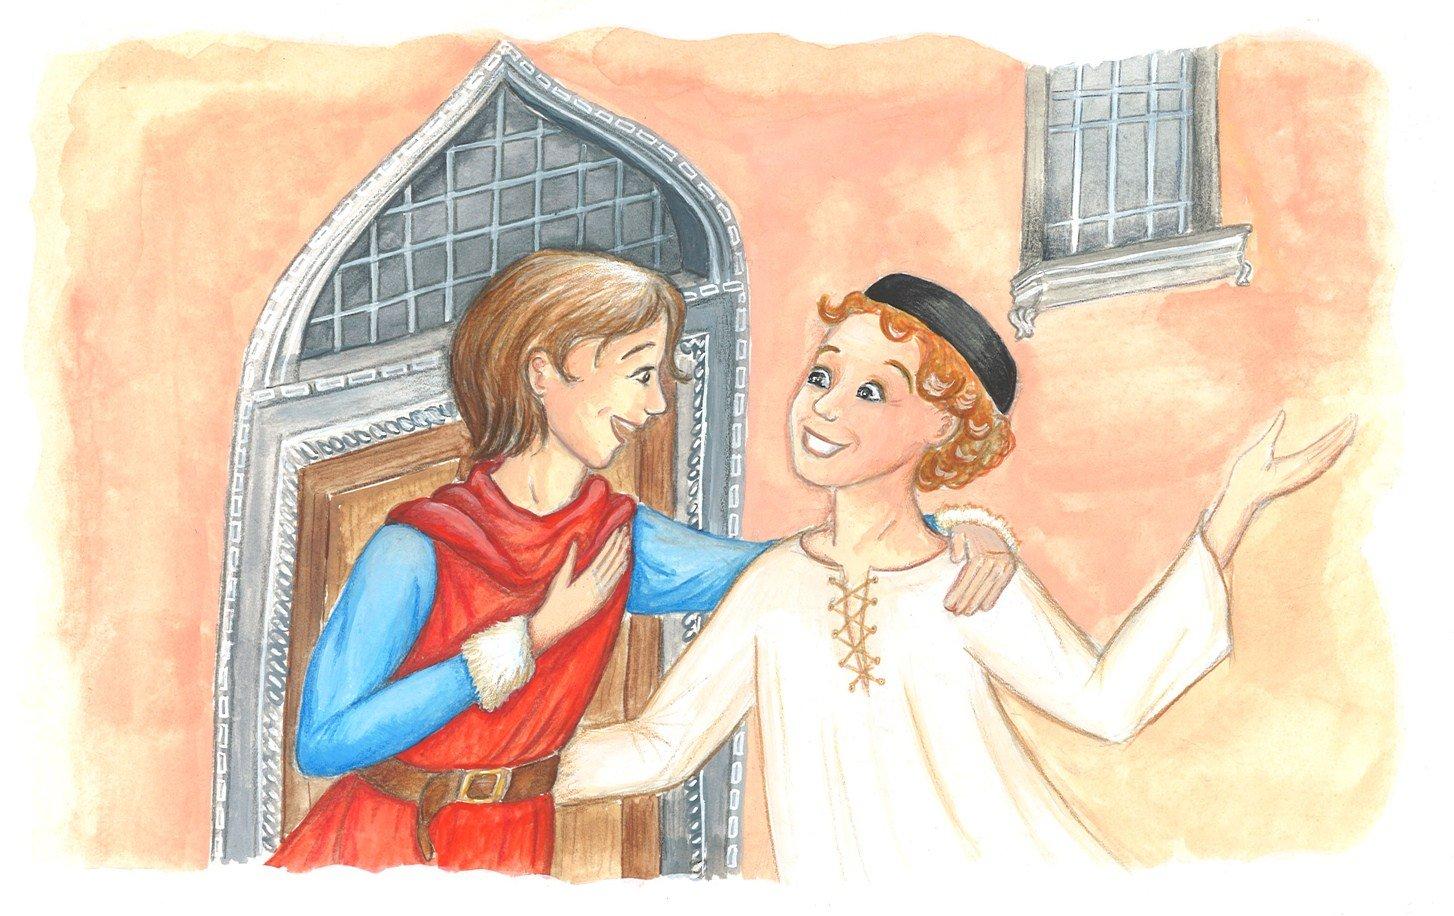 Aventures de Marco Polo, pour le N° d'août du magazine Patapon dans personnages marco-polo-et-son-ami-mail2